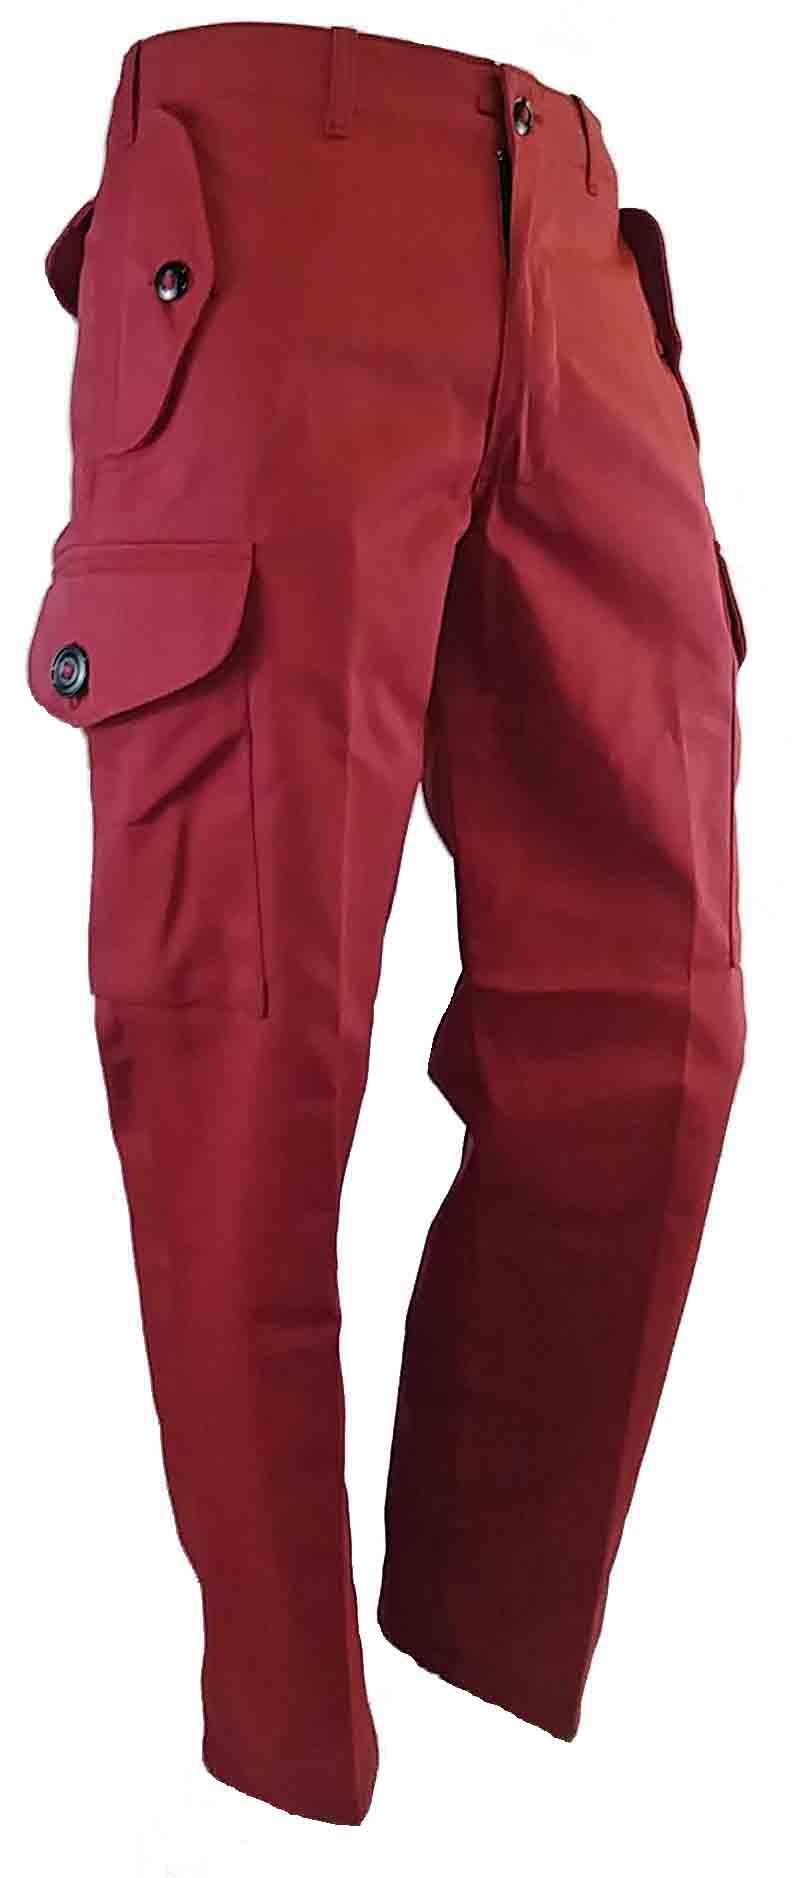 SGS combat pants canadian style *sale*